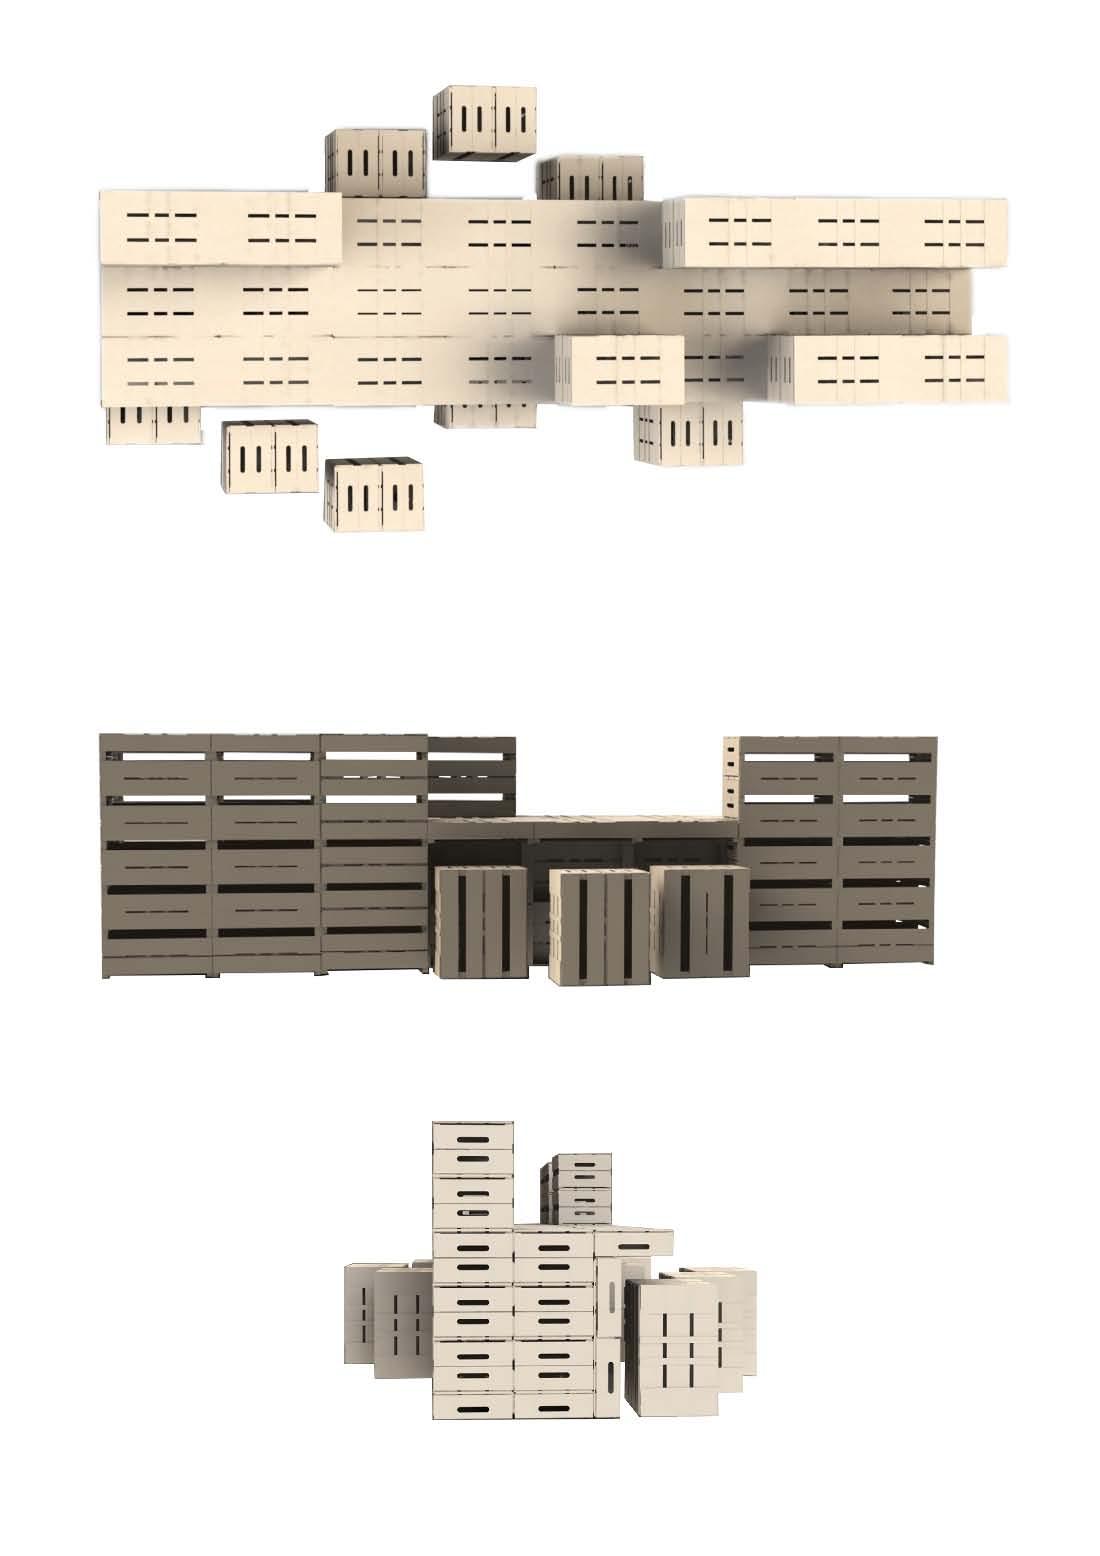 Assemblage de modules